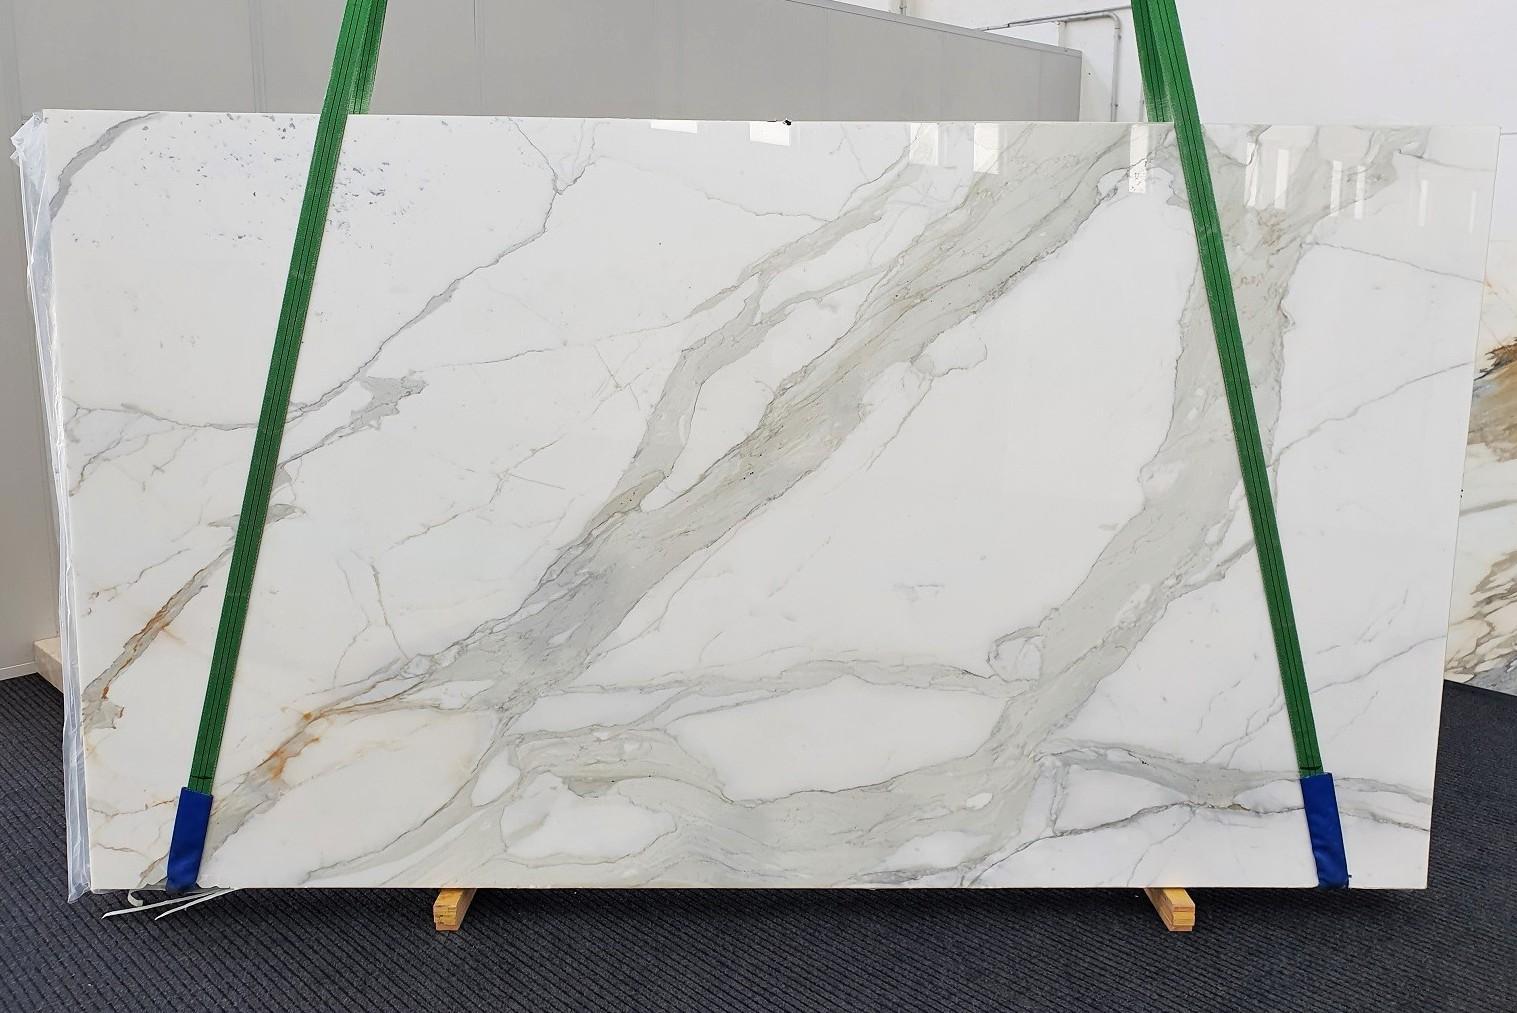 CALACATTA ORO EXTRA Supply Veneto (Italy) polished slabs 1366 , Slab #27 natural marble